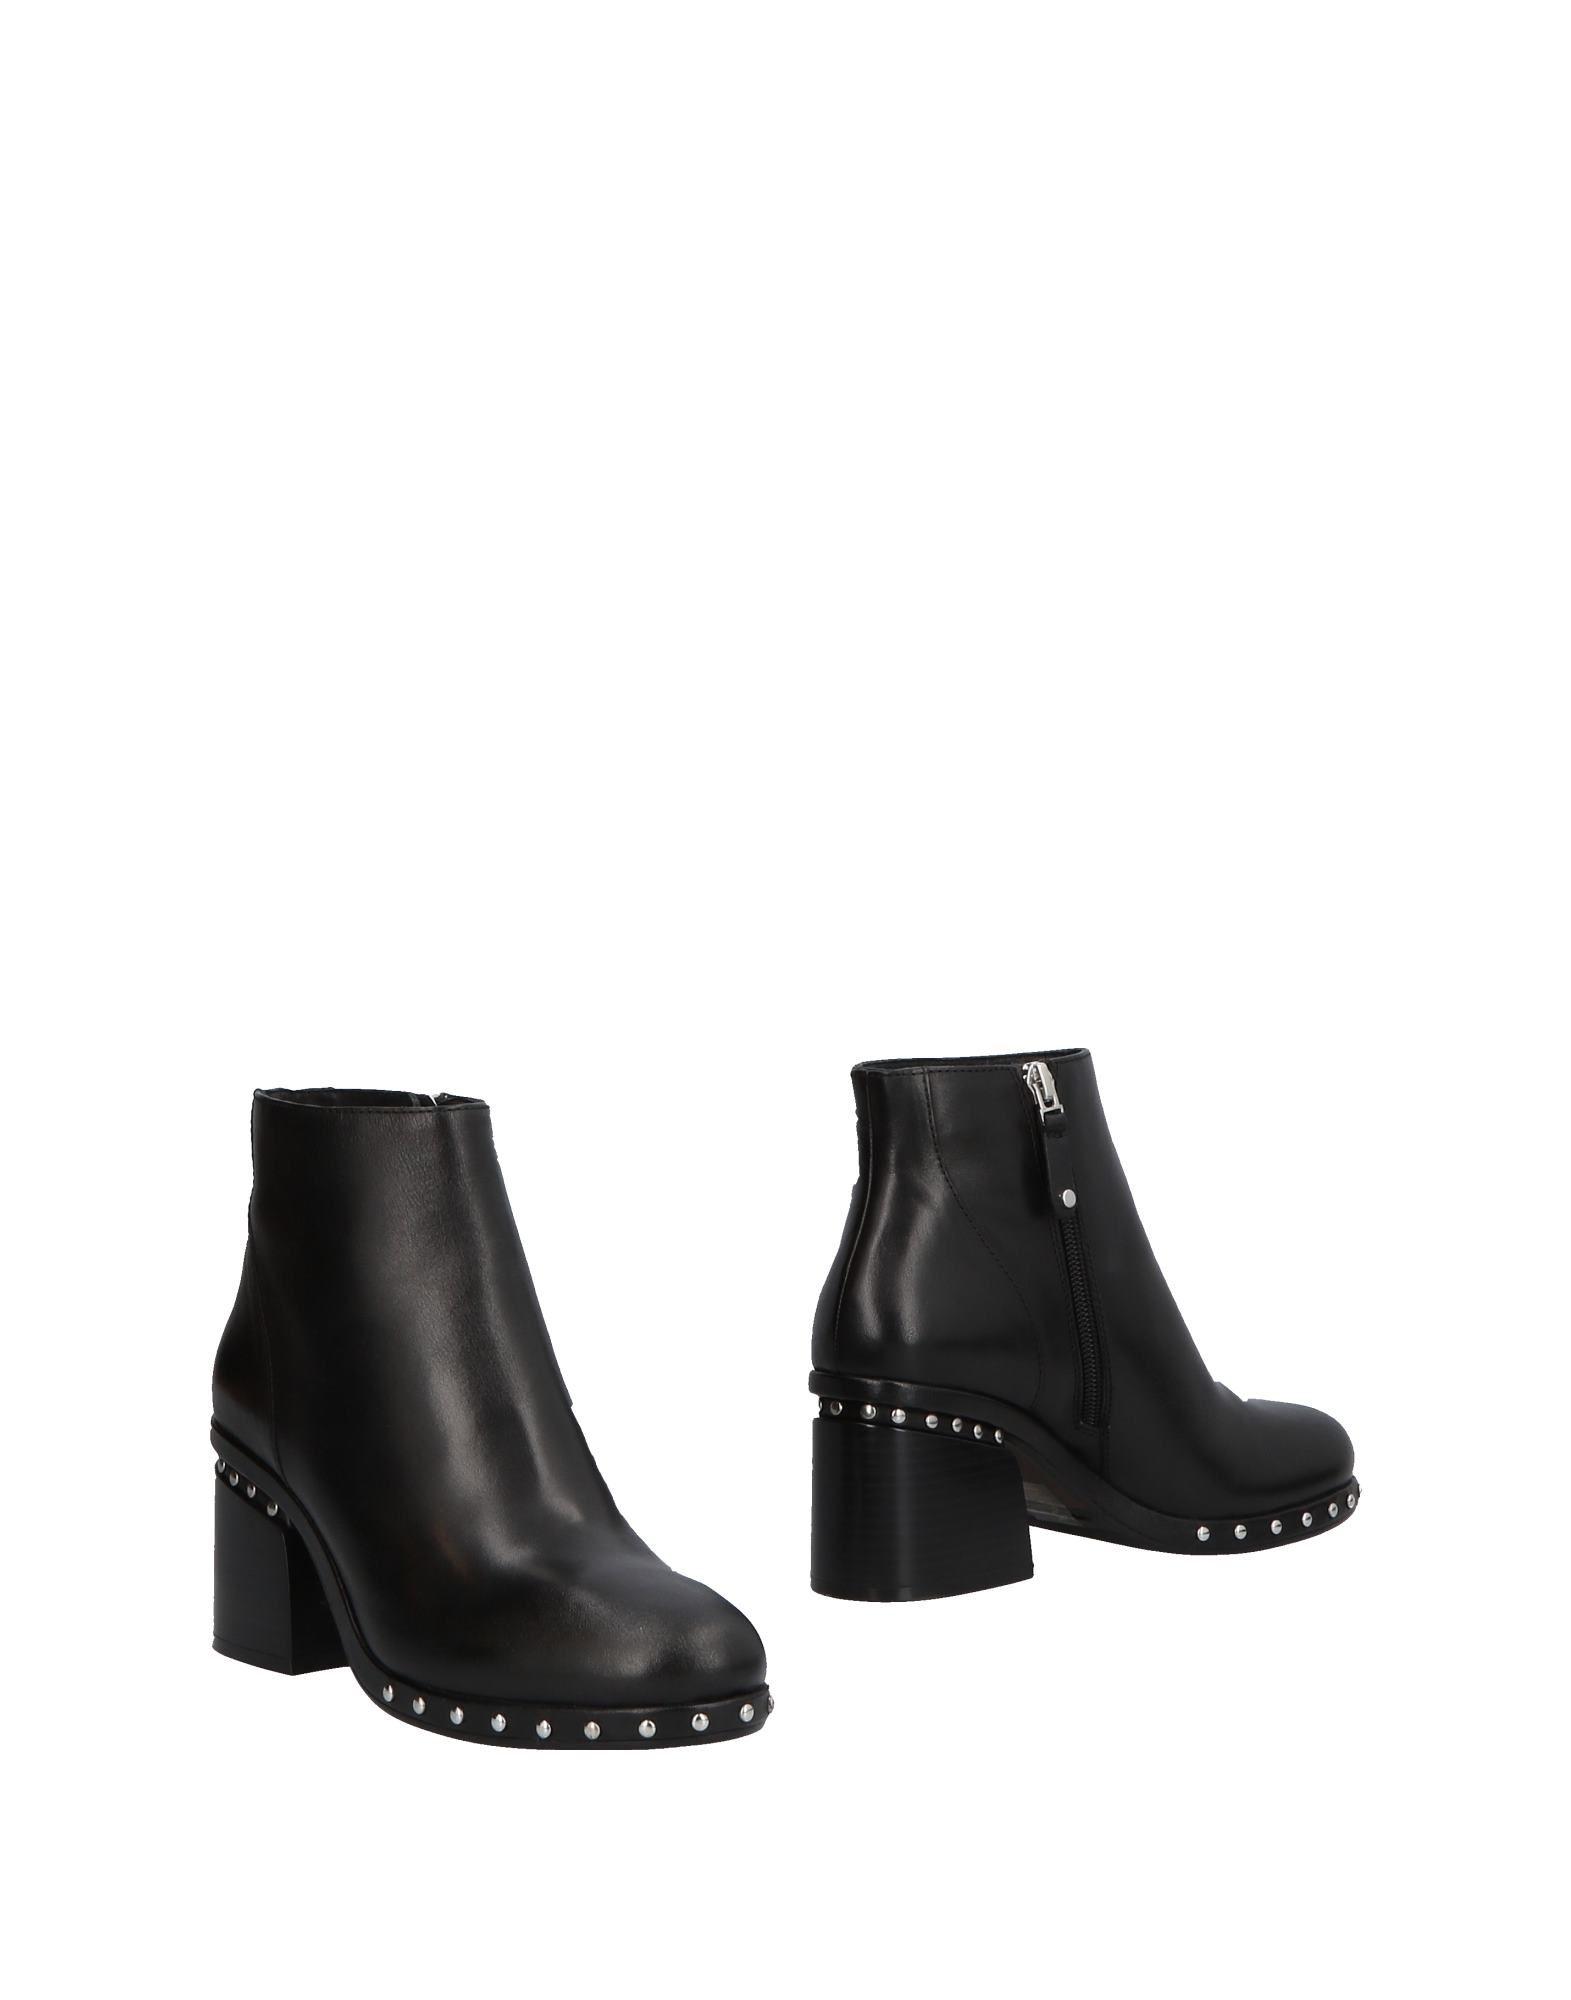 Elvio Zanon Stiefelette Damen  11491950DO Gute Qualität beliebte Schuhe